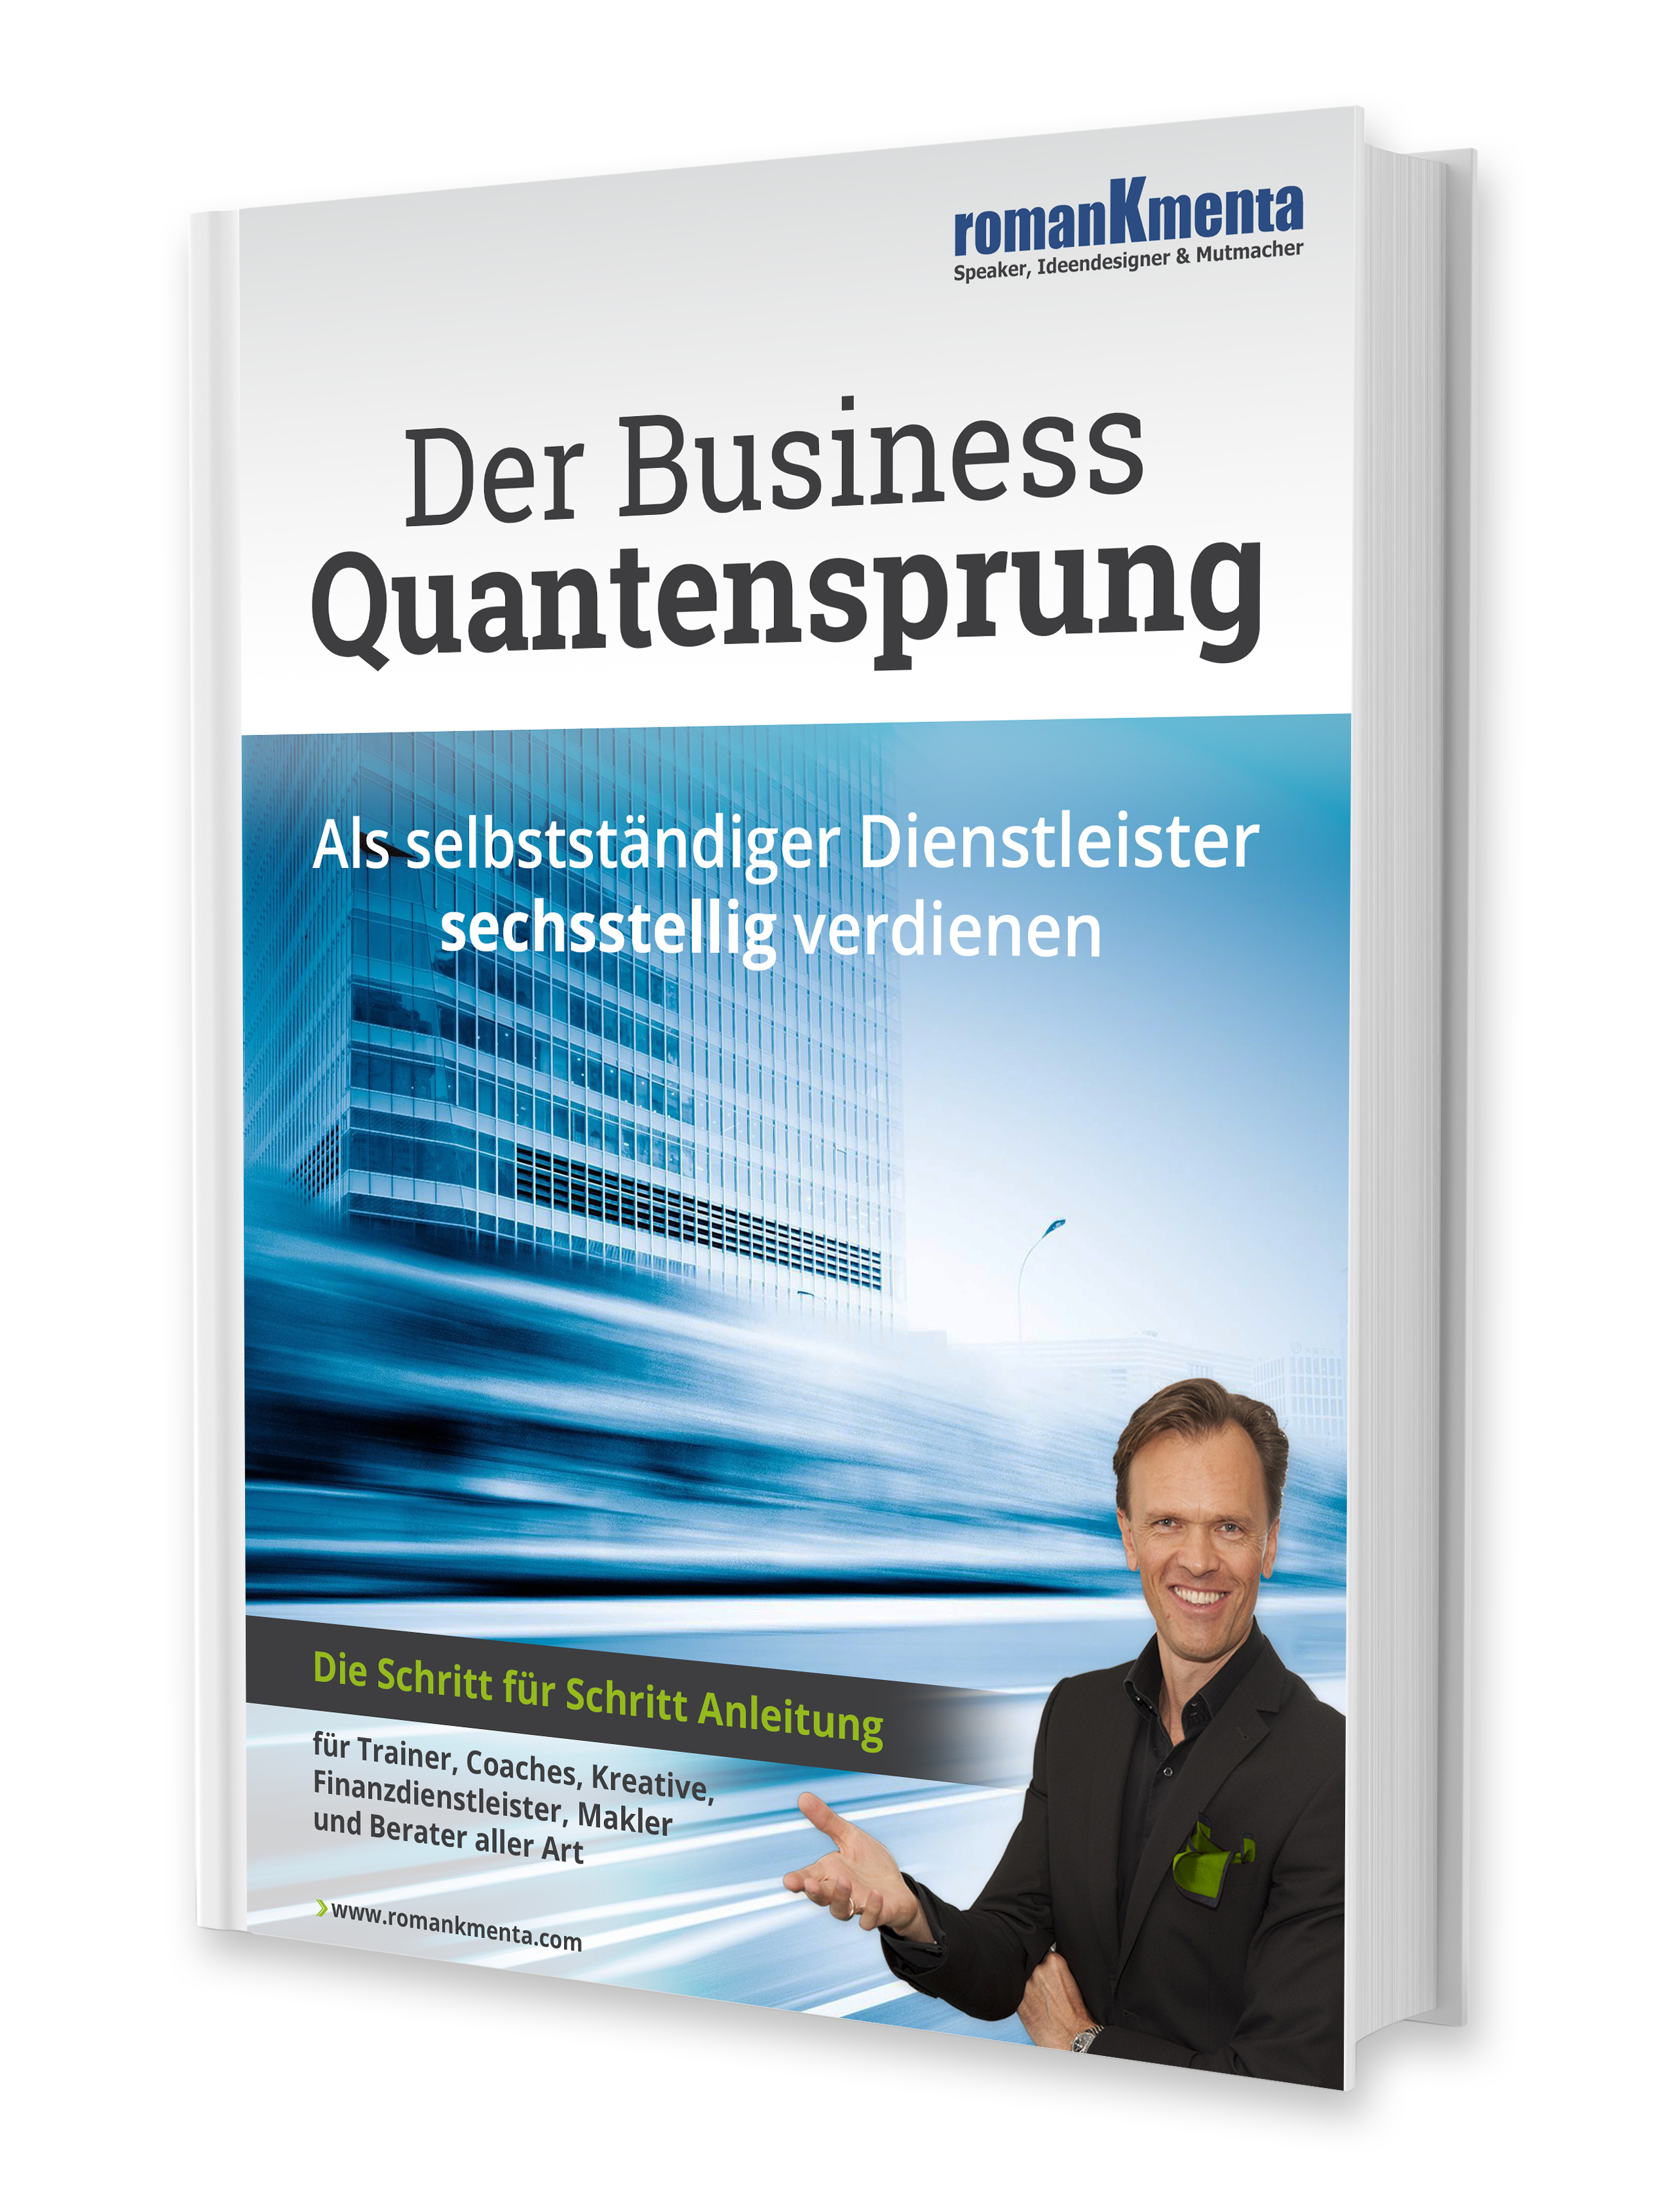 Der Bauplan für Existenzgründung - E-Book Business Quantensprung - Roman Kmenta - Keynote Speaker